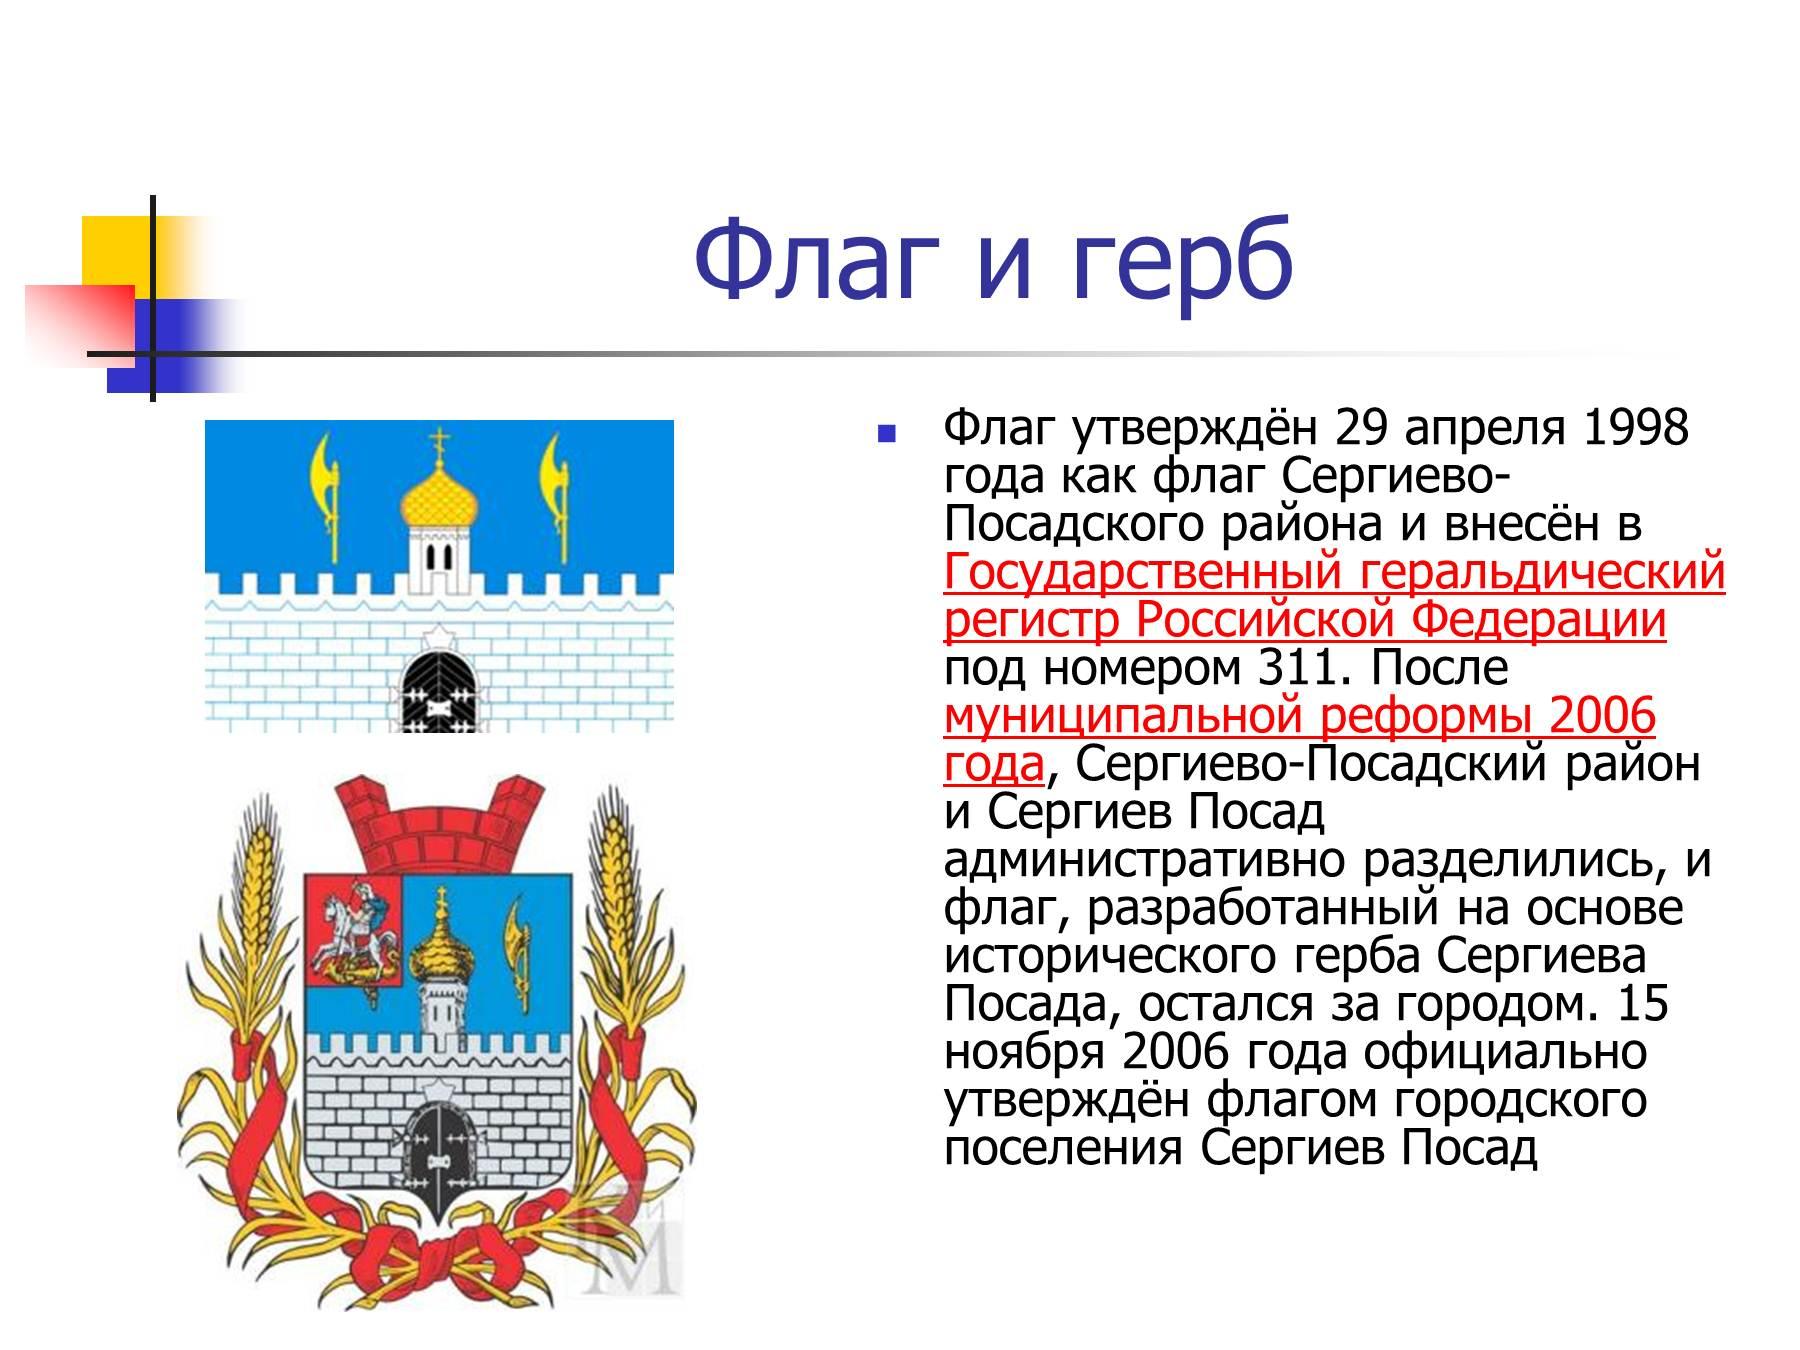 Сергиев Посад Реферат Класс